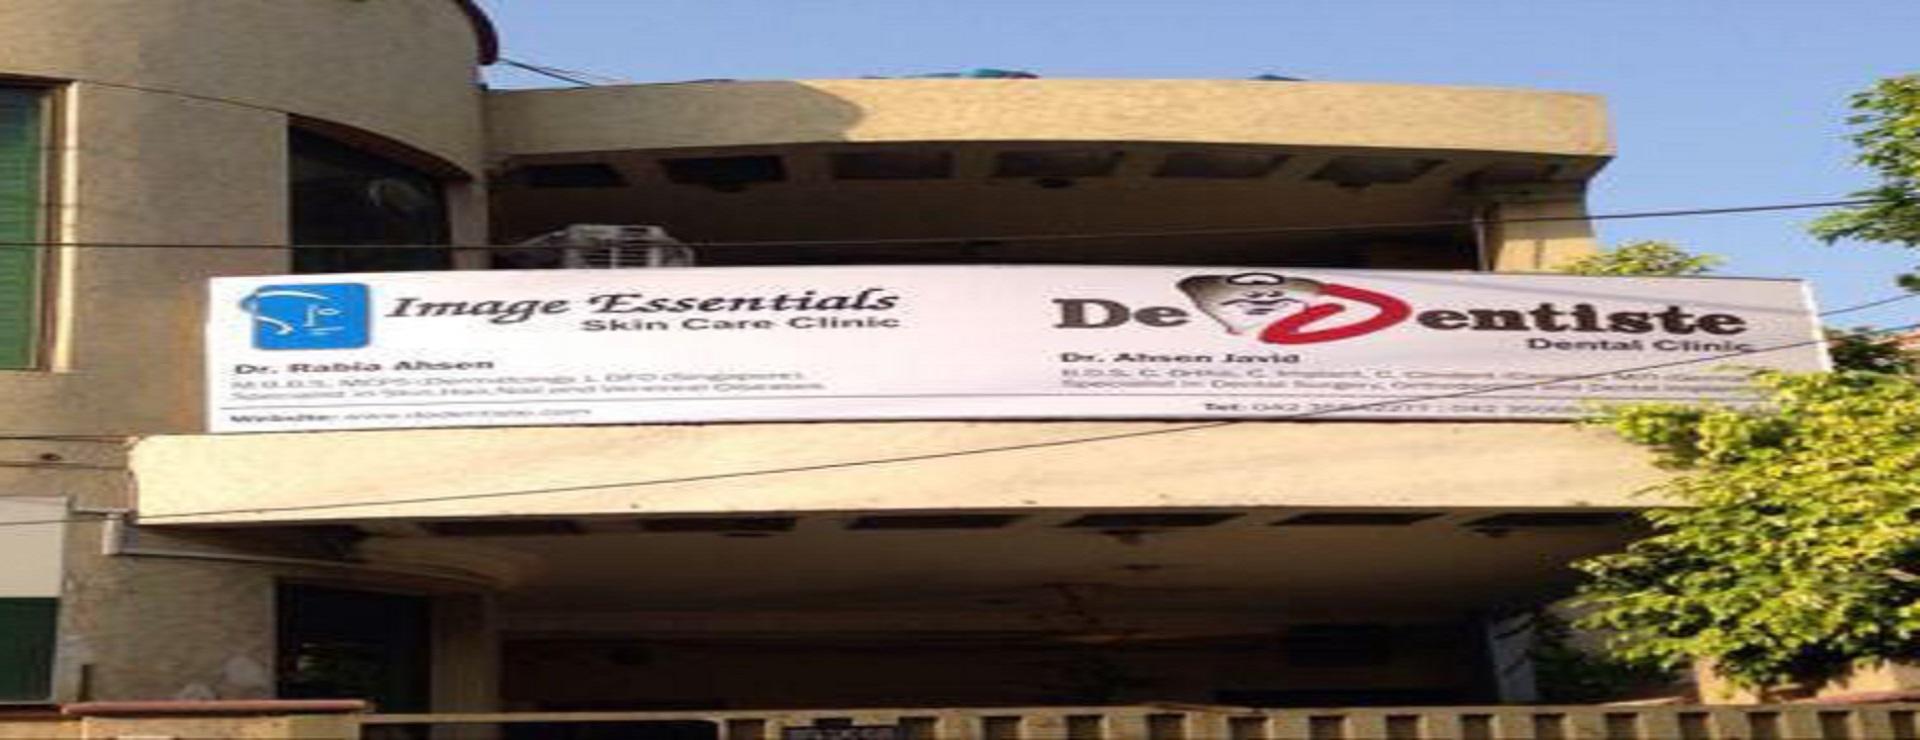 De dentiste front